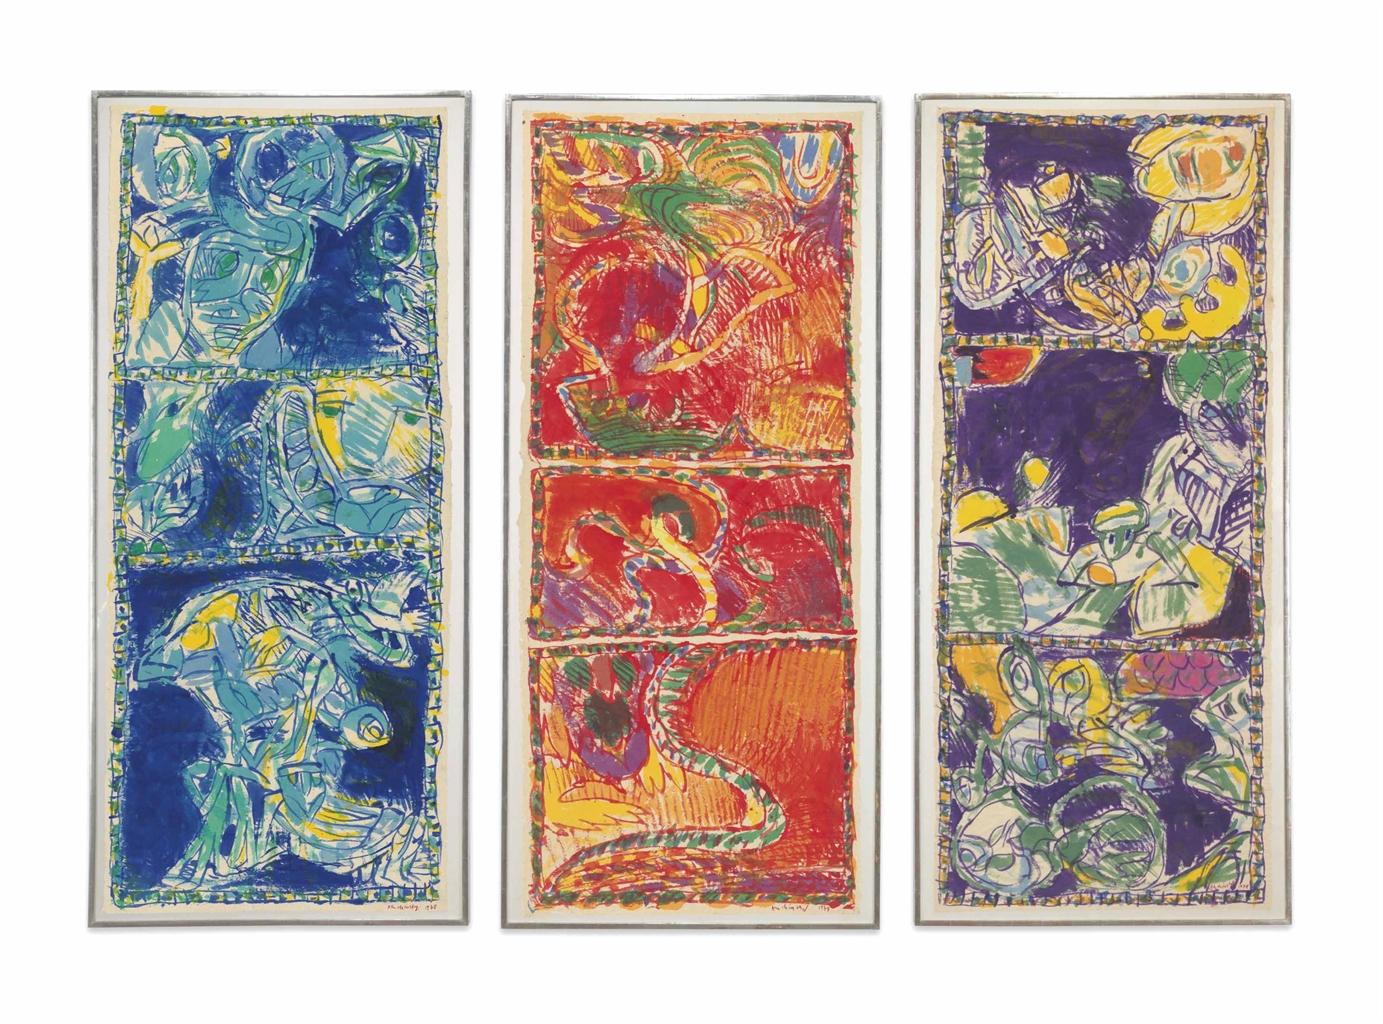 Pierre Alechinsky-(i) Sous la conduite de bleu (Led by Blue); (ii) Sous tutelle du rouge (Under the Trust of Red); (iii) Sous la domination du violet (Under the Domination of Violet)-1978